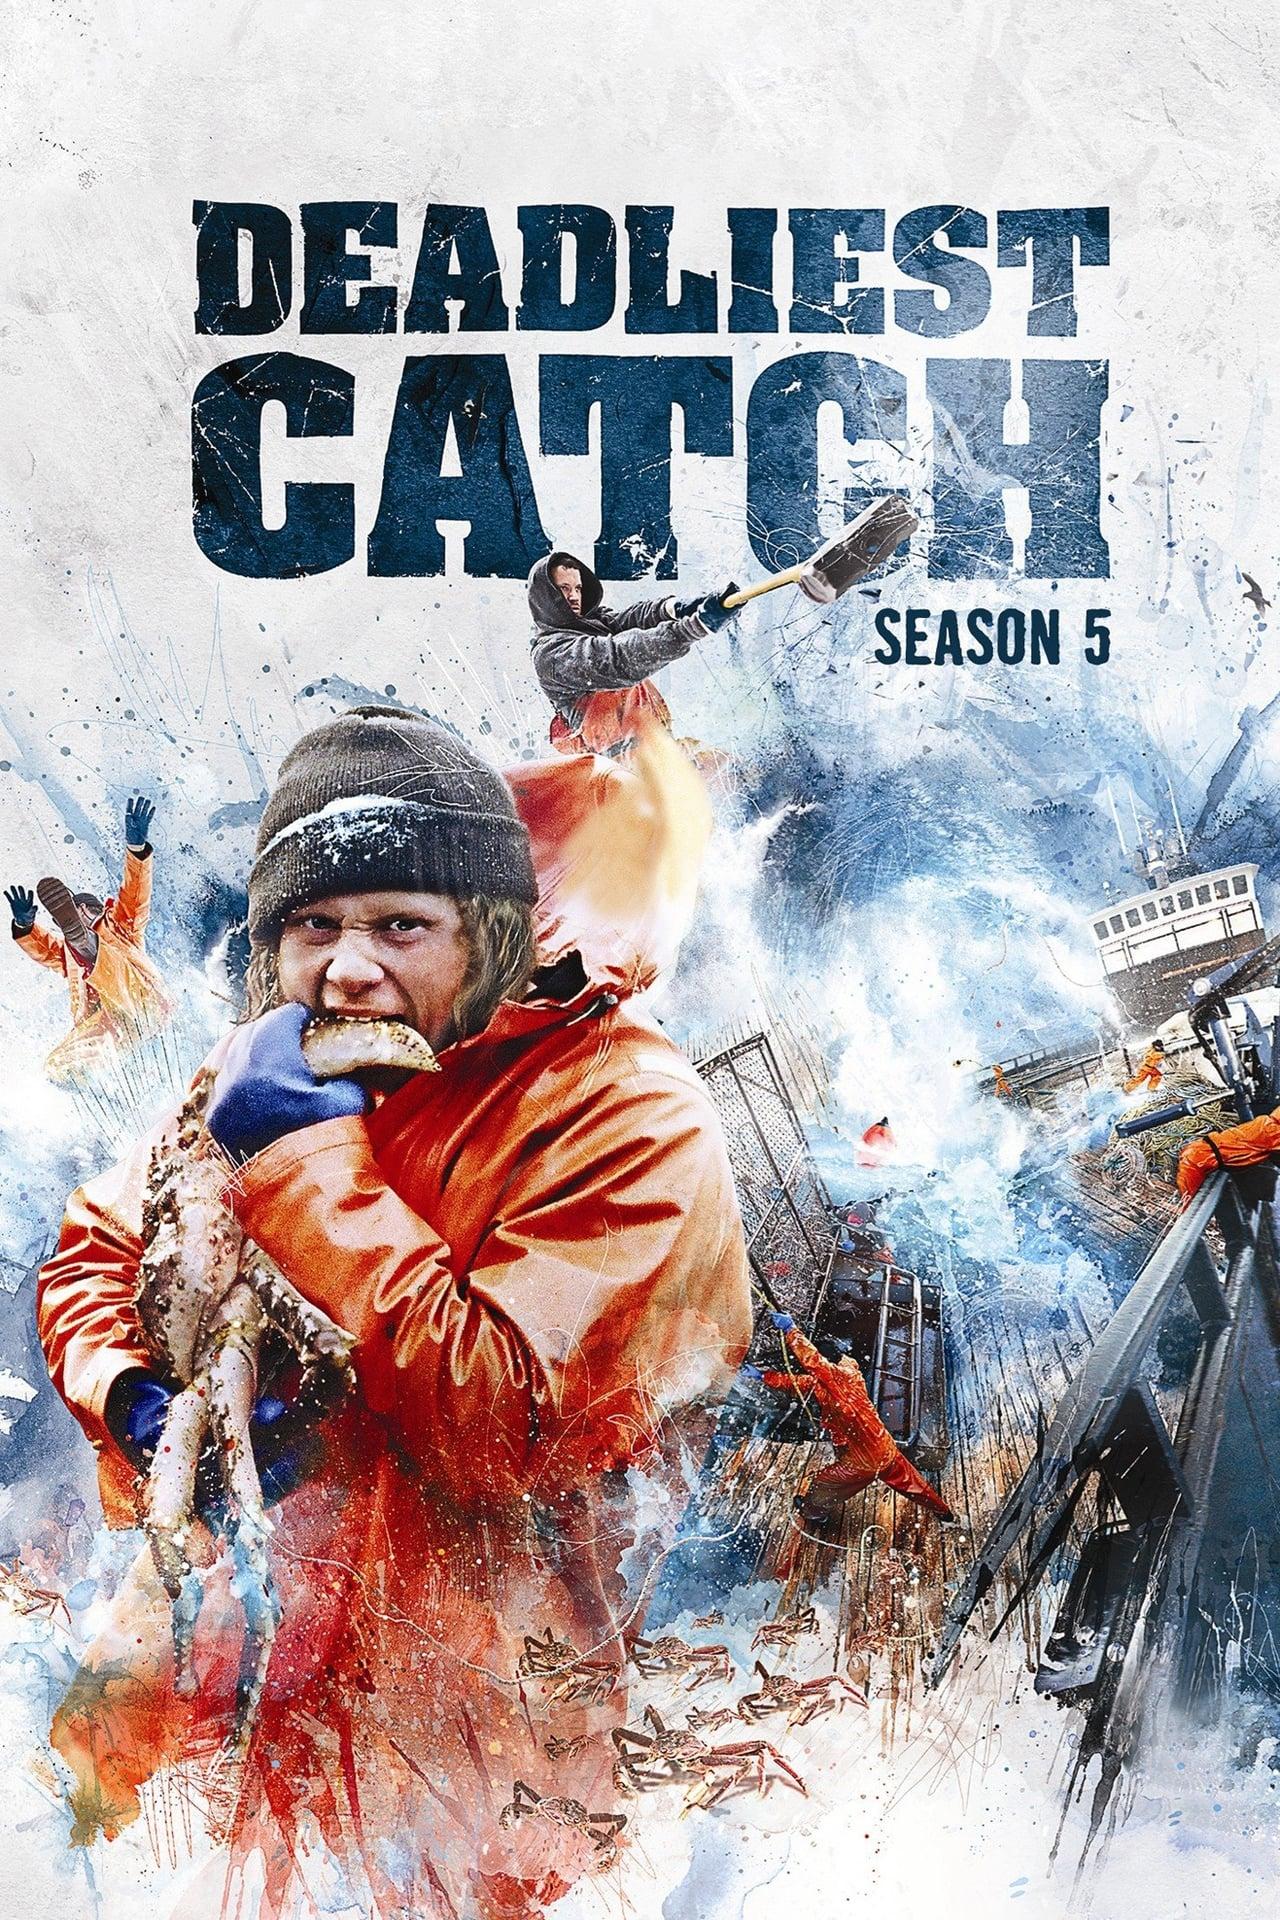 Watch Deadliest Catch Season 5 Online